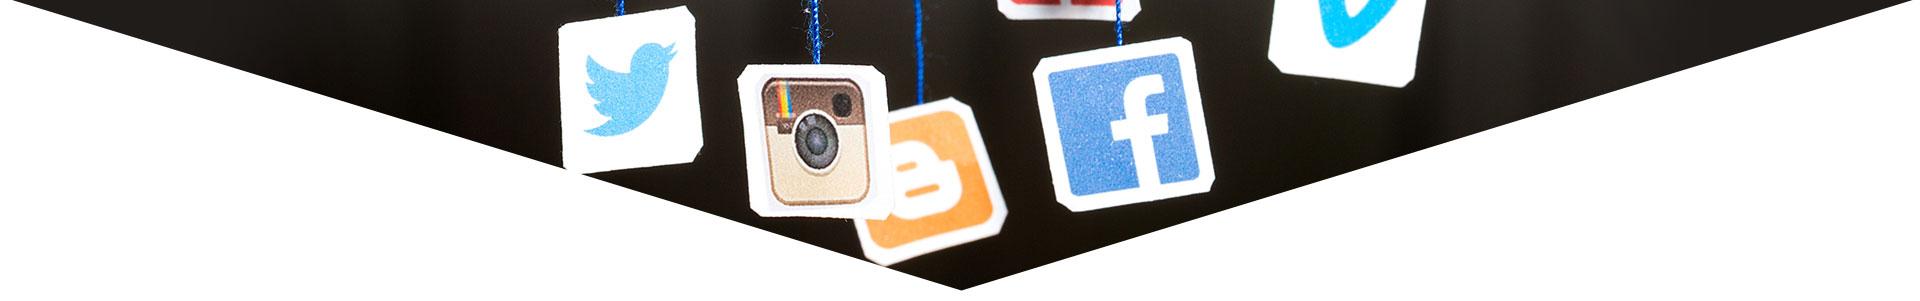 تعدادی از لوگو های صفحات اجتماعی- آژانس دیجیتال کربن